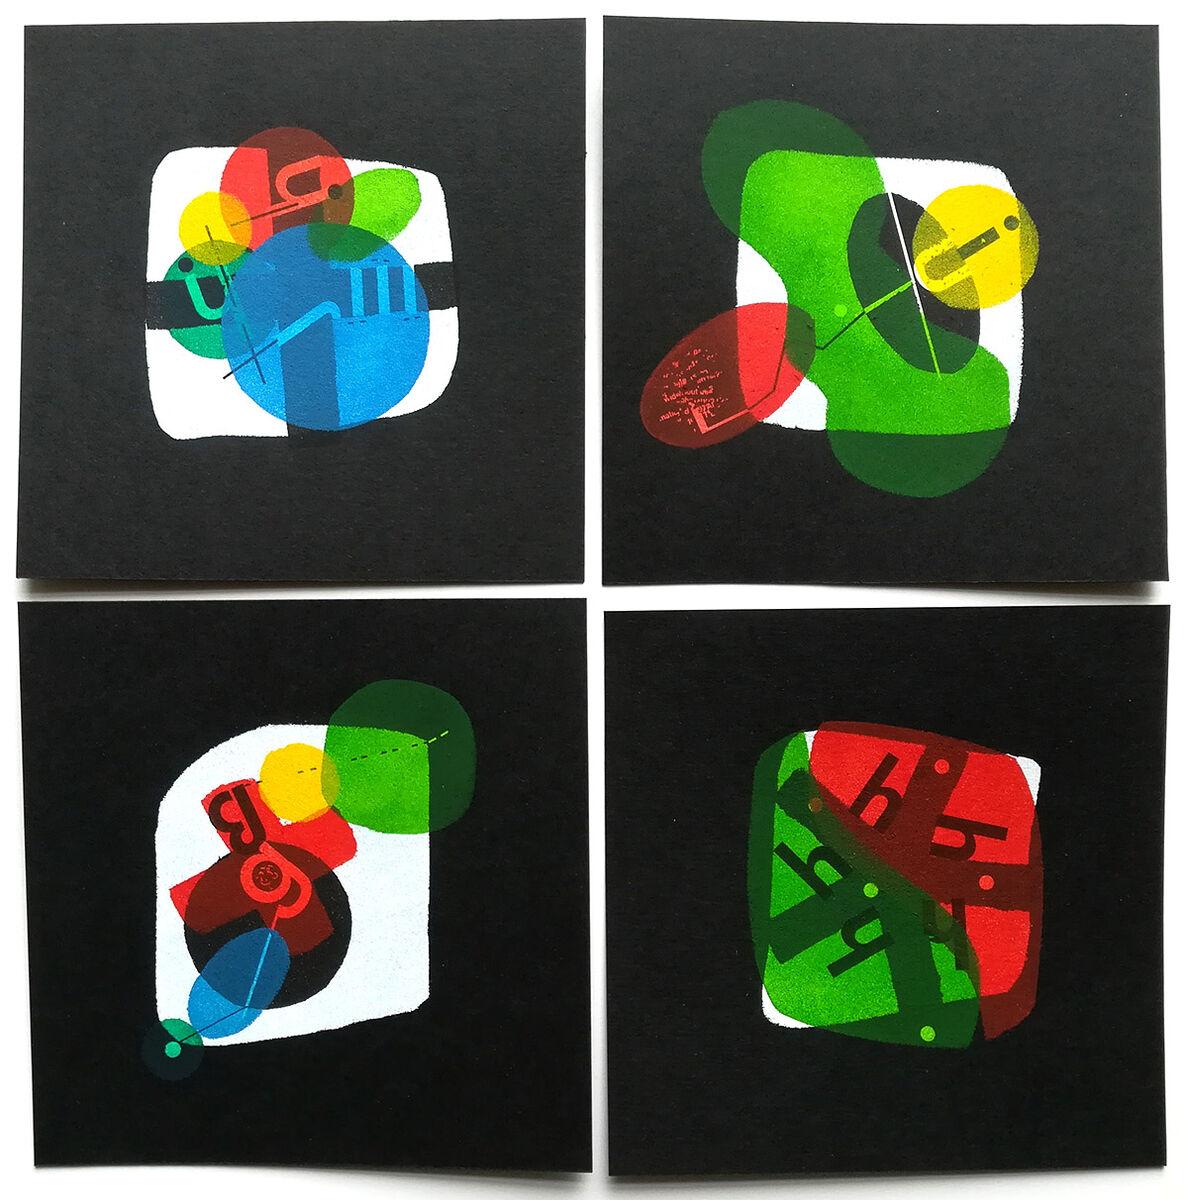 set #226 ScrabL series